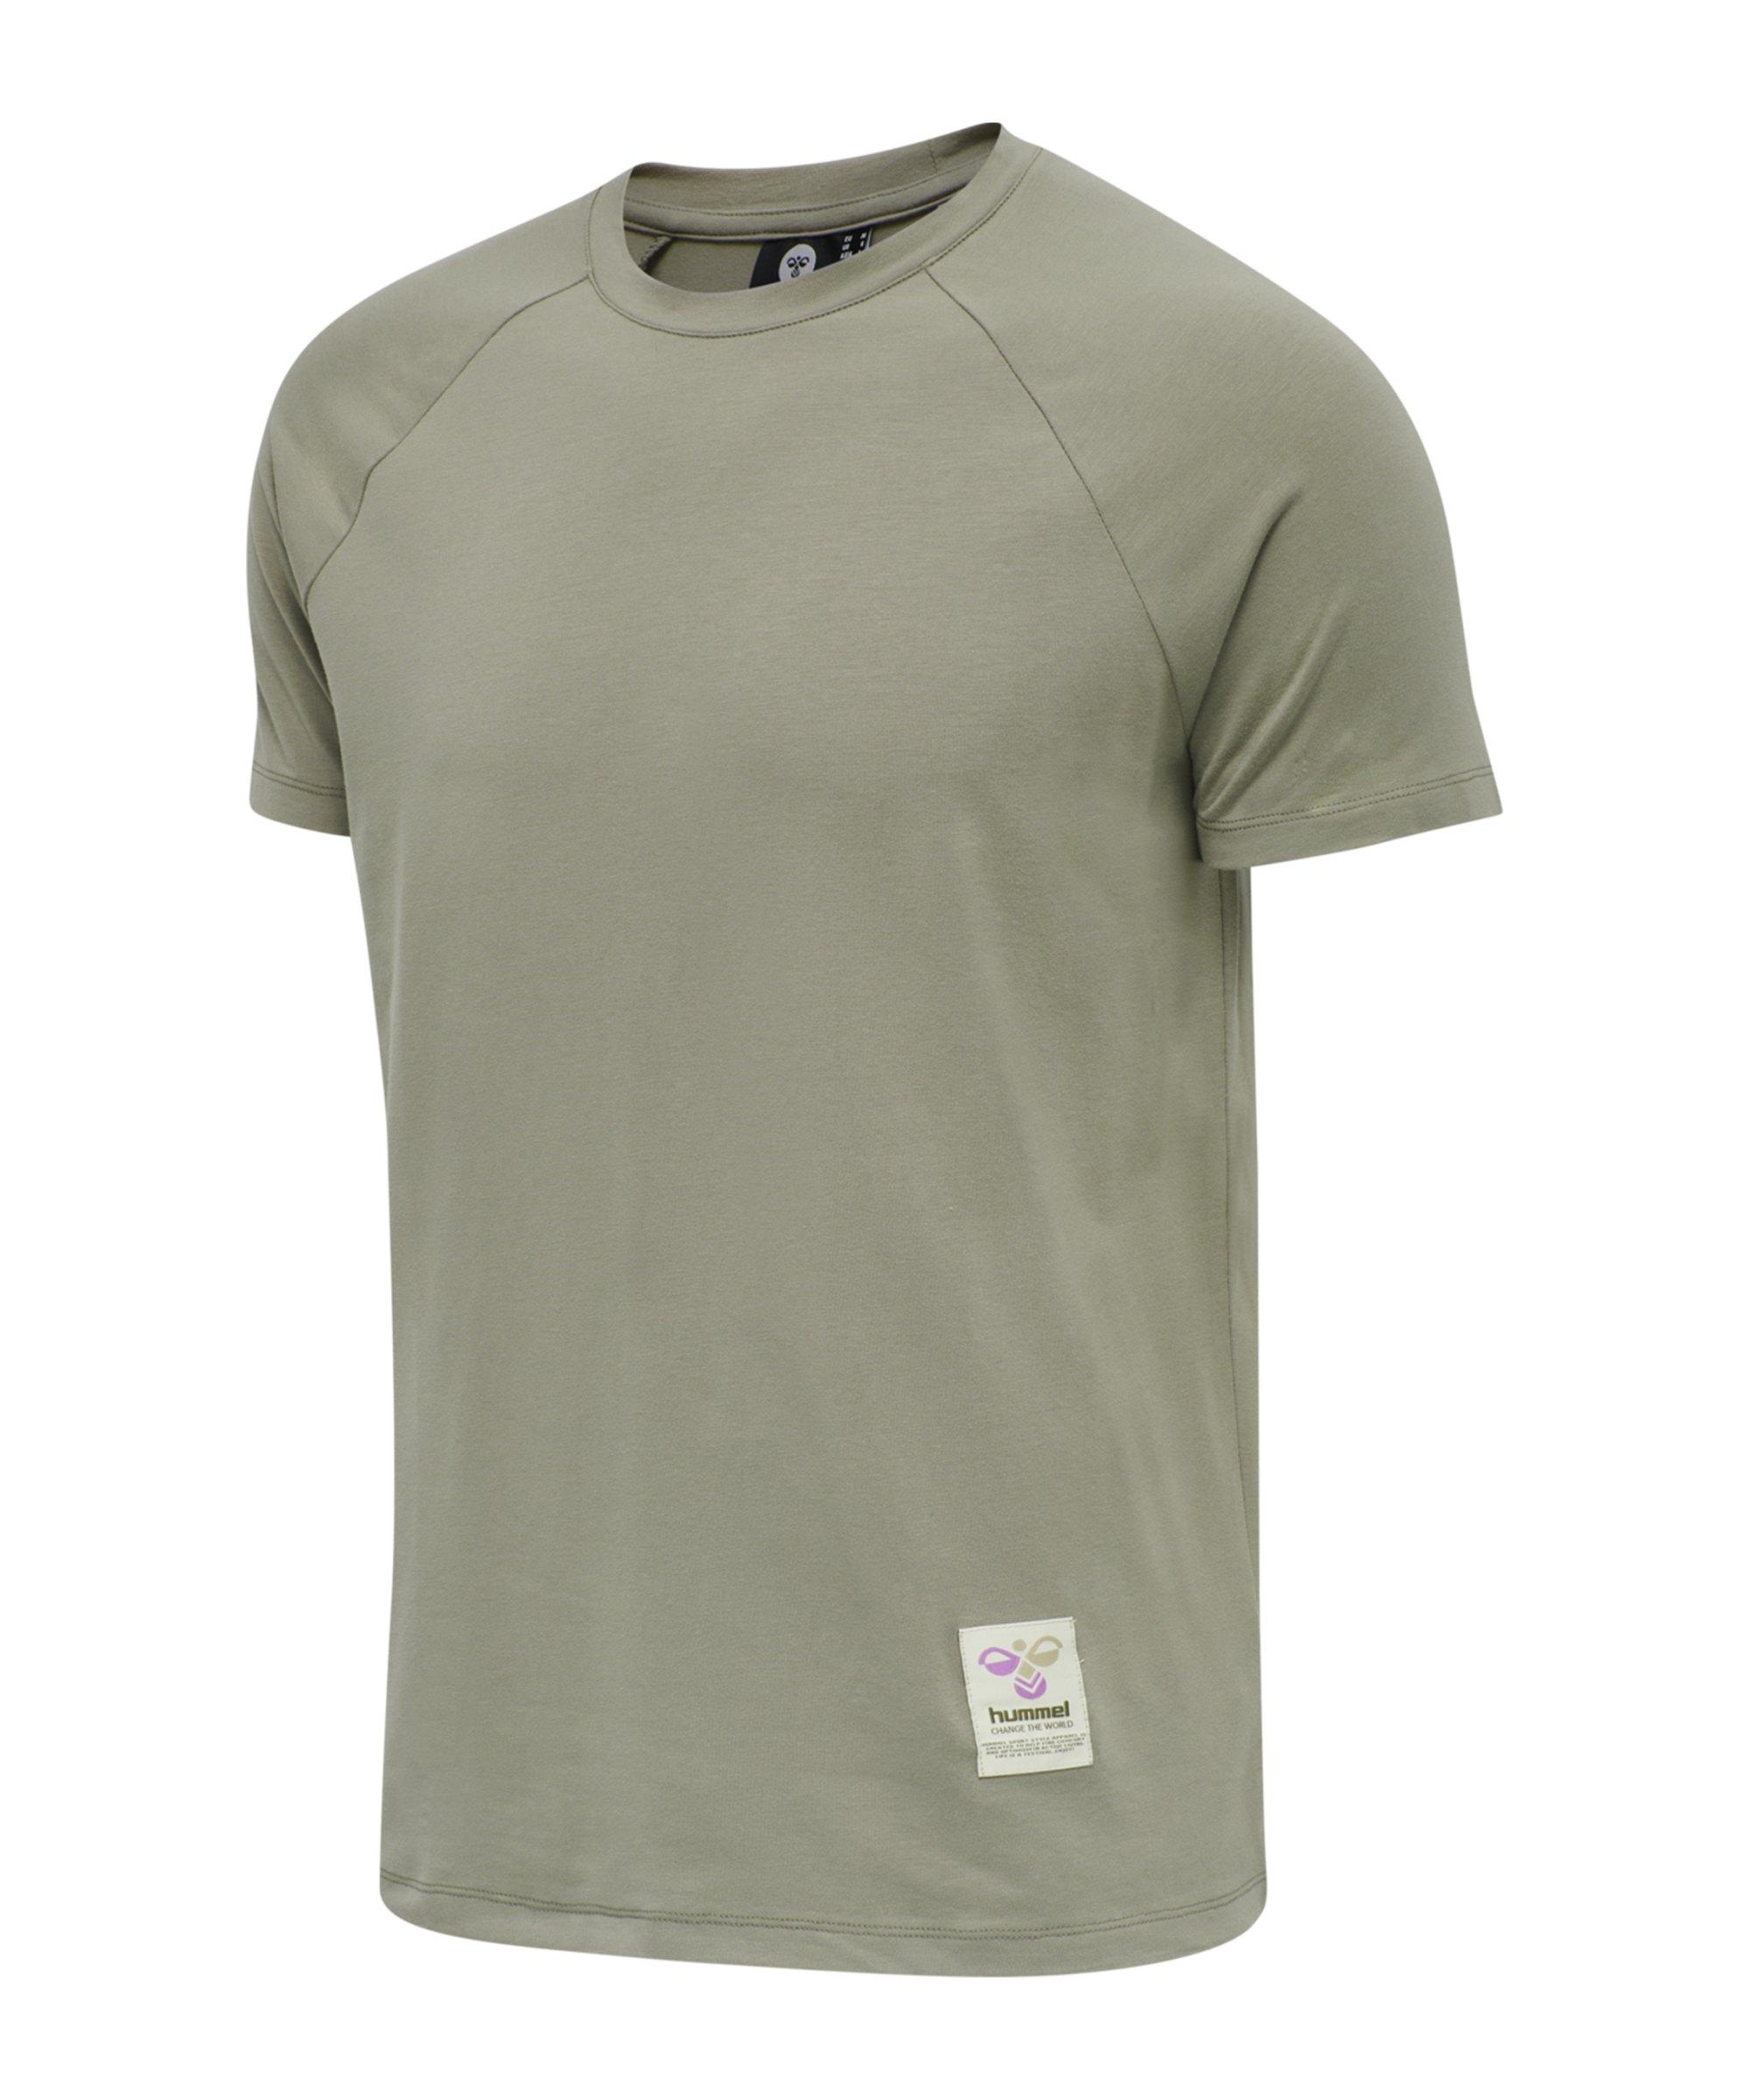 Hummel Jarvan T-Shirt Grau F8062 - grau